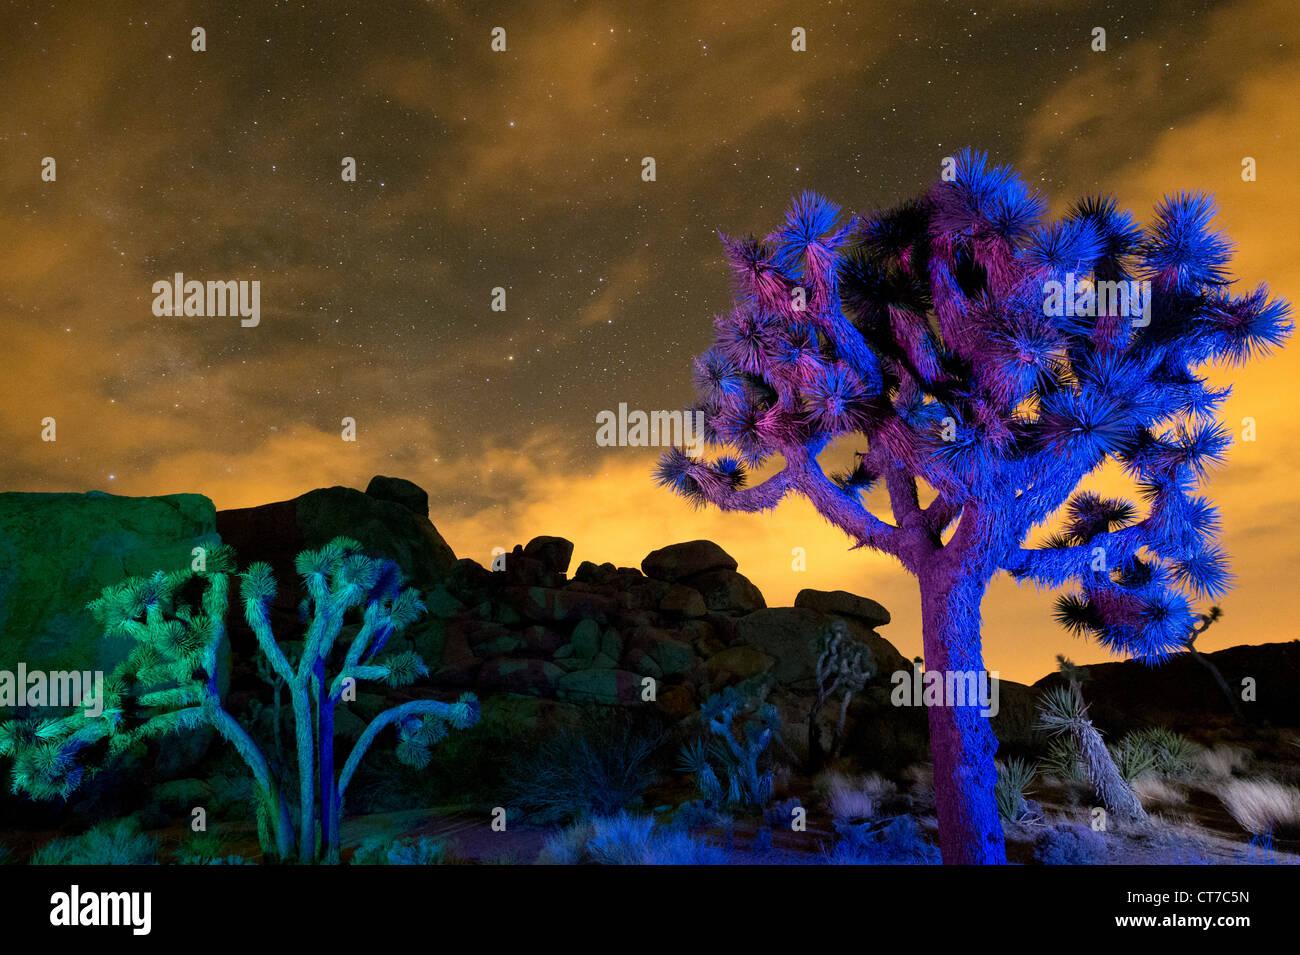 Lumières colorées sur les arbres la nuit, Joshua Joshua Tree National Park, California, USA Photo Stock